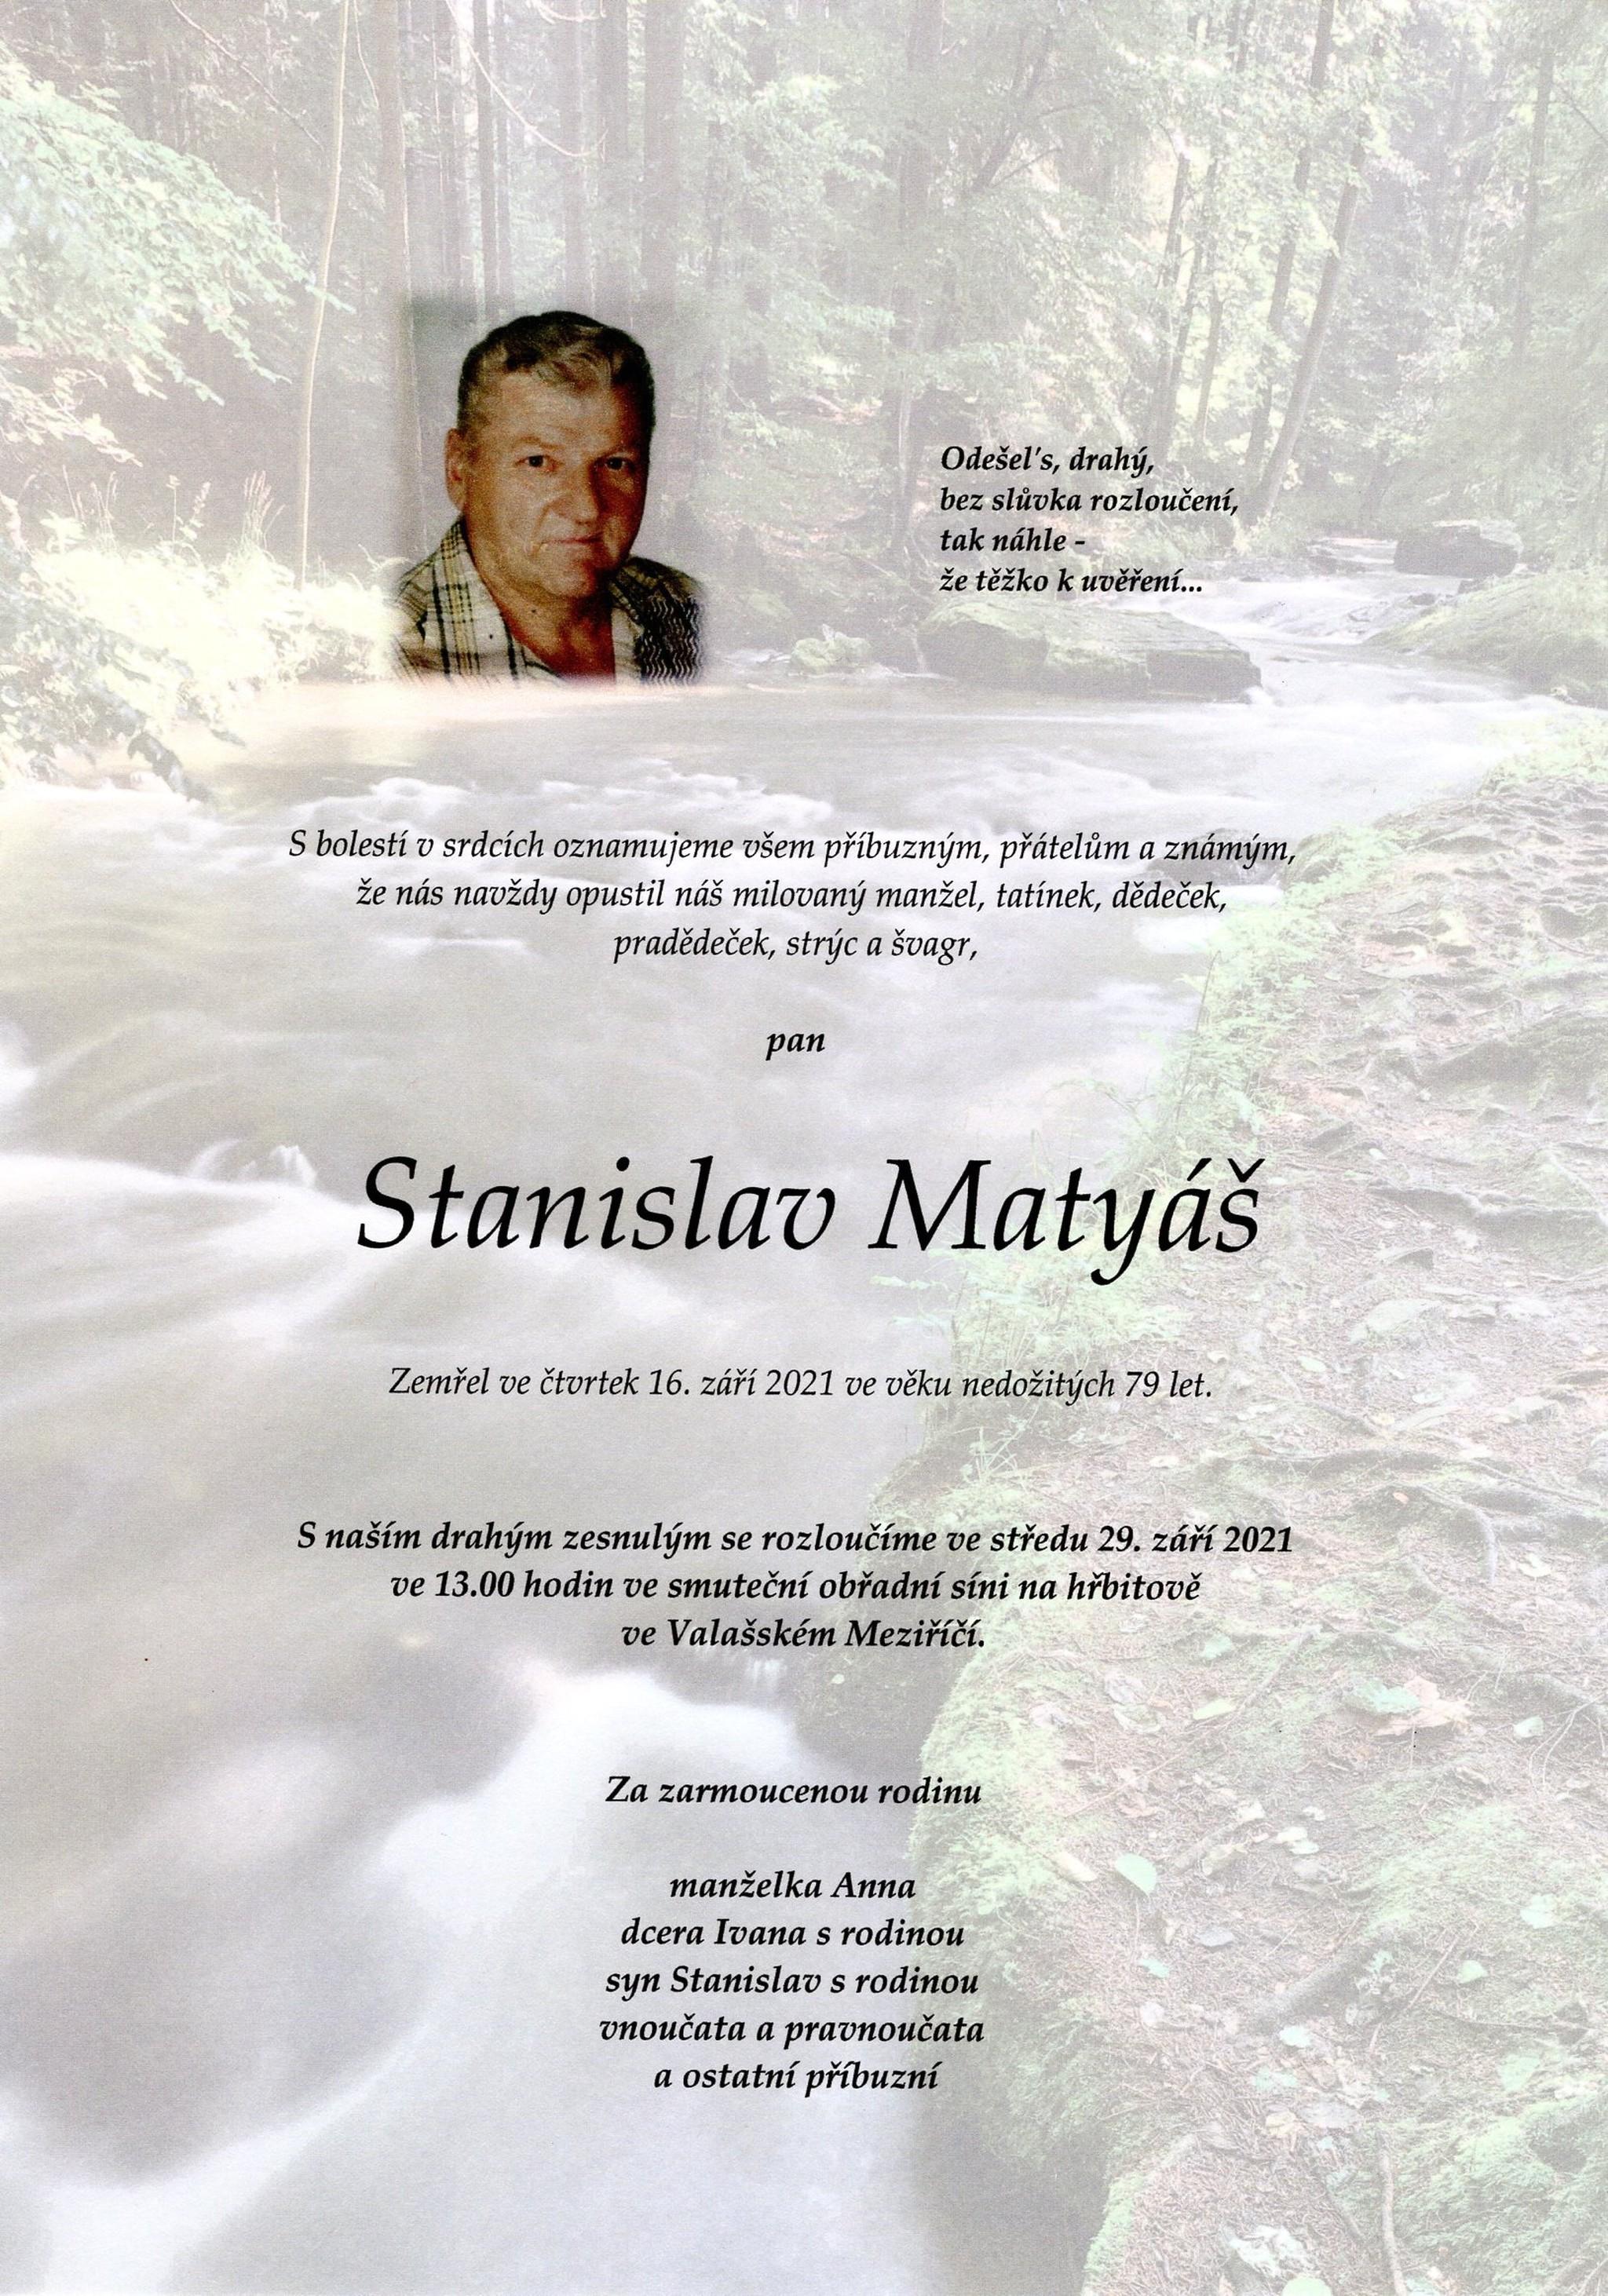 Stanislav Matyáš